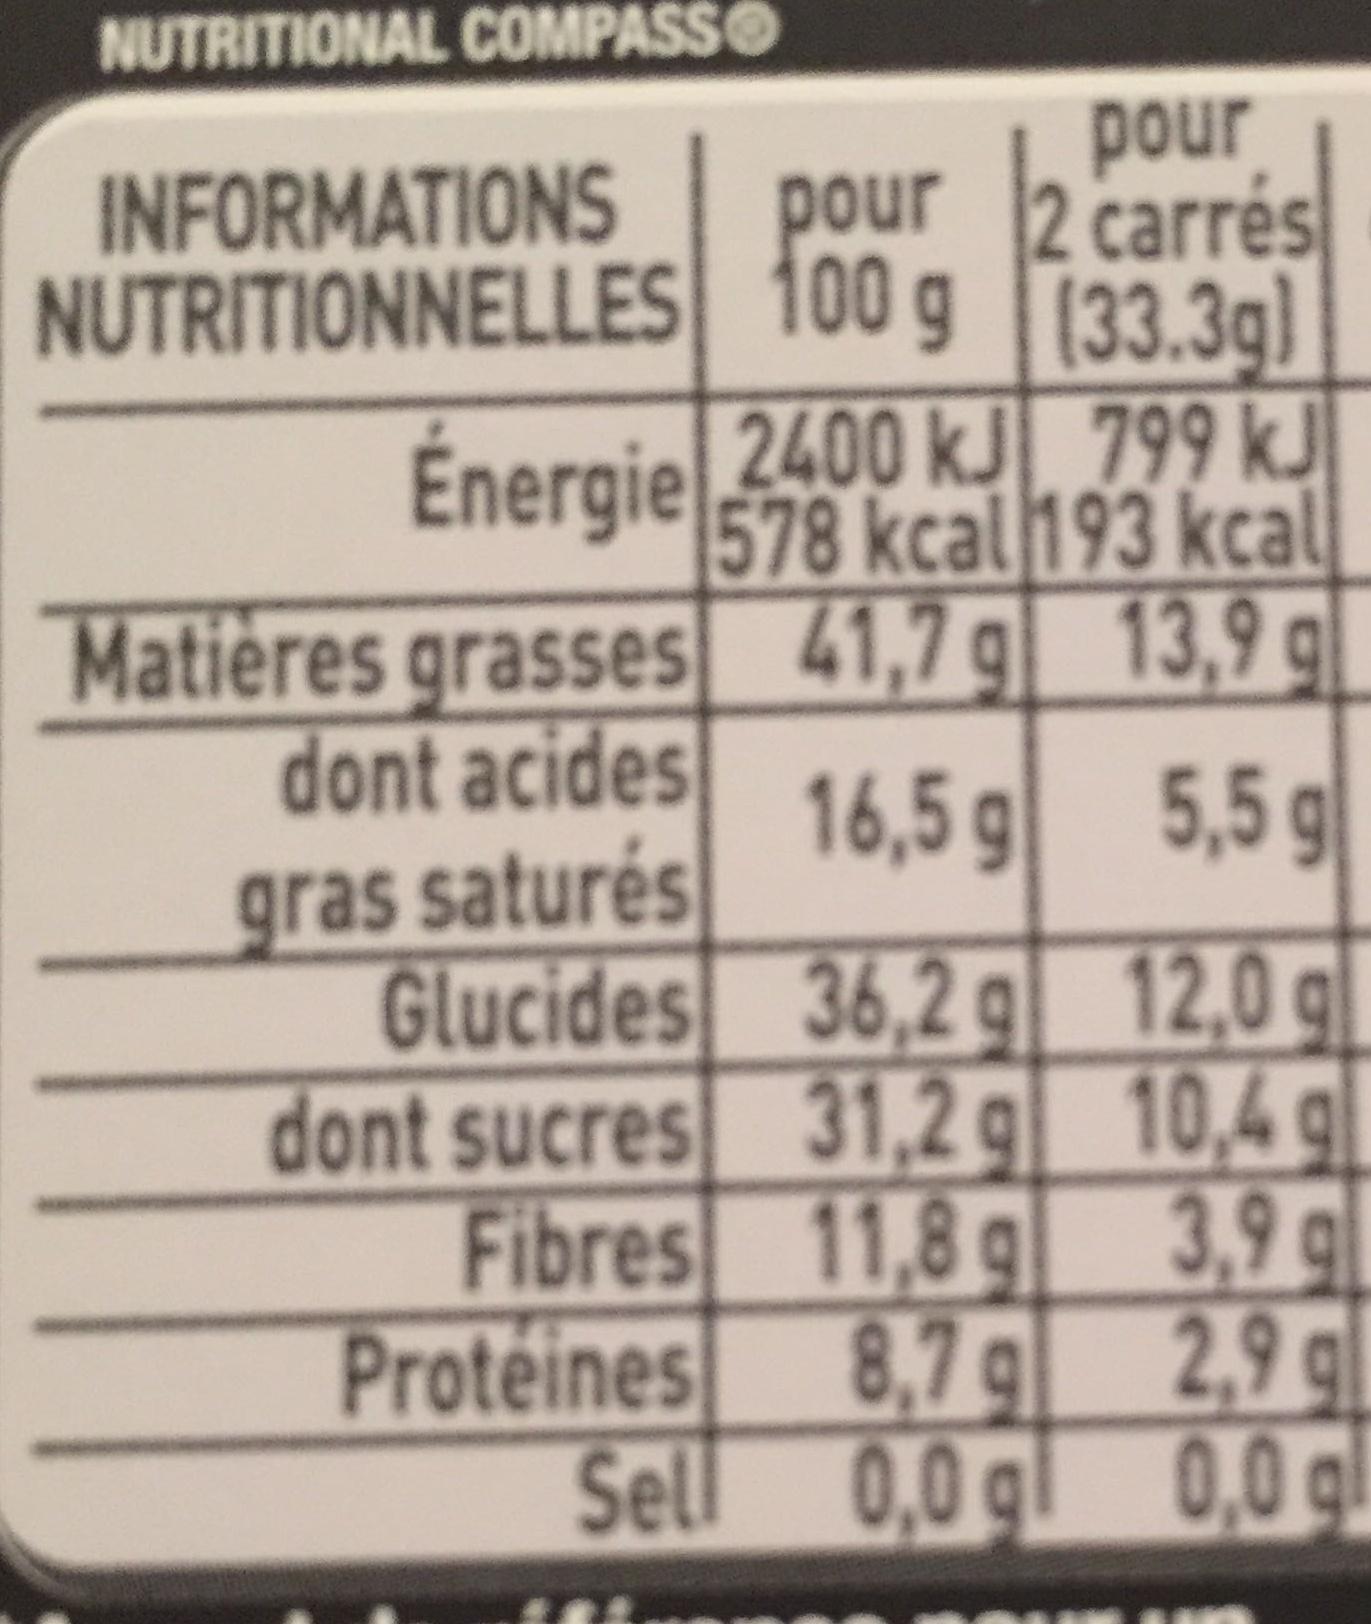 chocolat noisette - Nutrition facts - fr